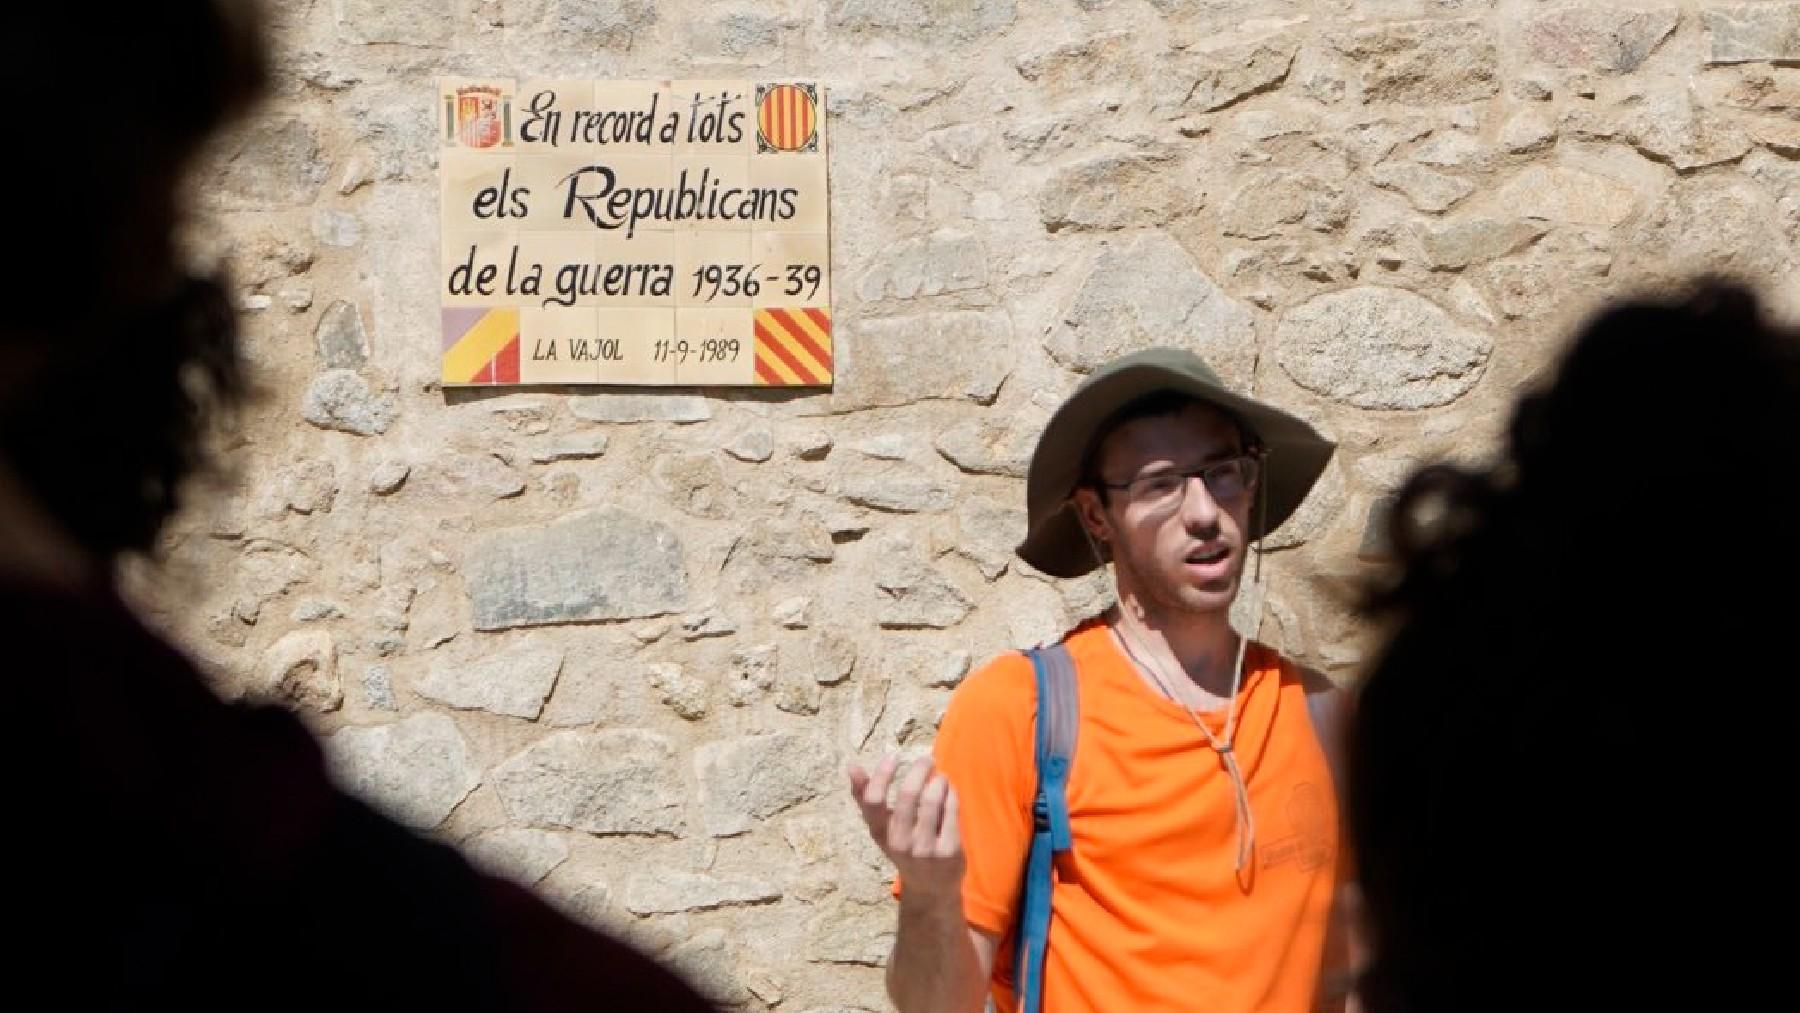 Charla sobre el exilio republicano a los participantes en el campamento del ministerio de Belarra. (Foto: Injuve)